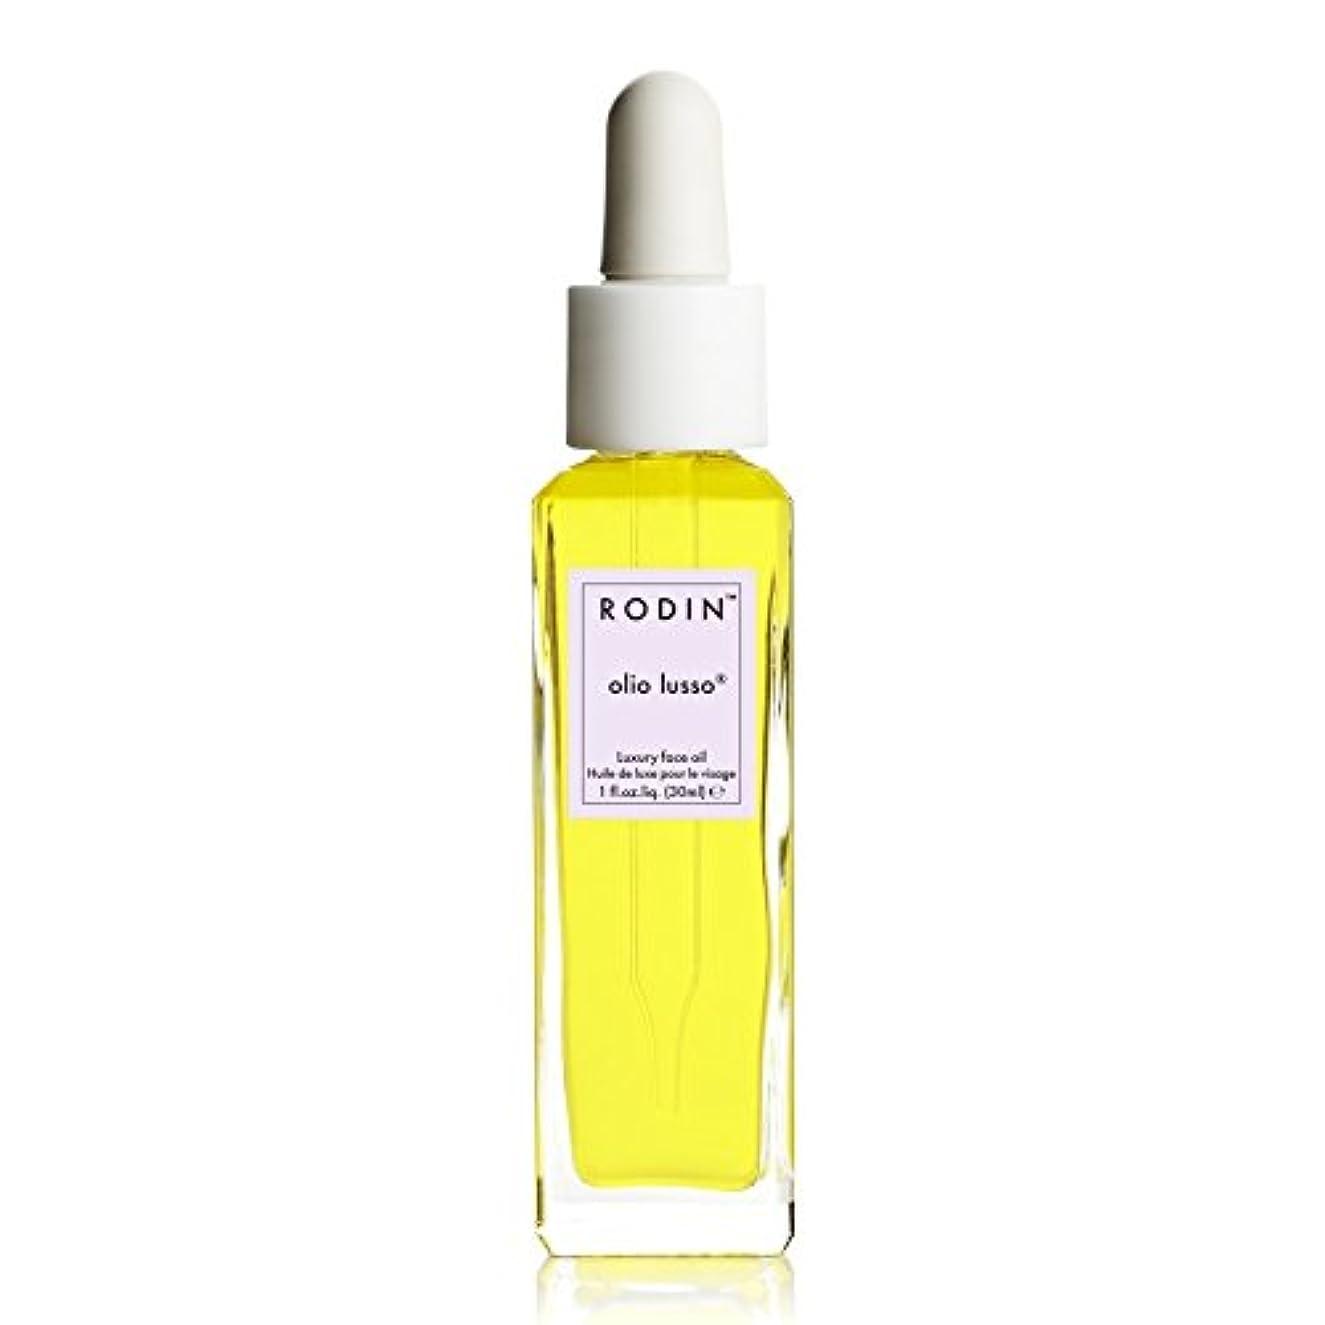 赤外線オプション値RODIN olio lusso Lavender Absolute Luxury Face Oil 30ml - ロダンルッソラベンダー絶対贅沢な顔オイル30ミリリットル [並行輸入品]